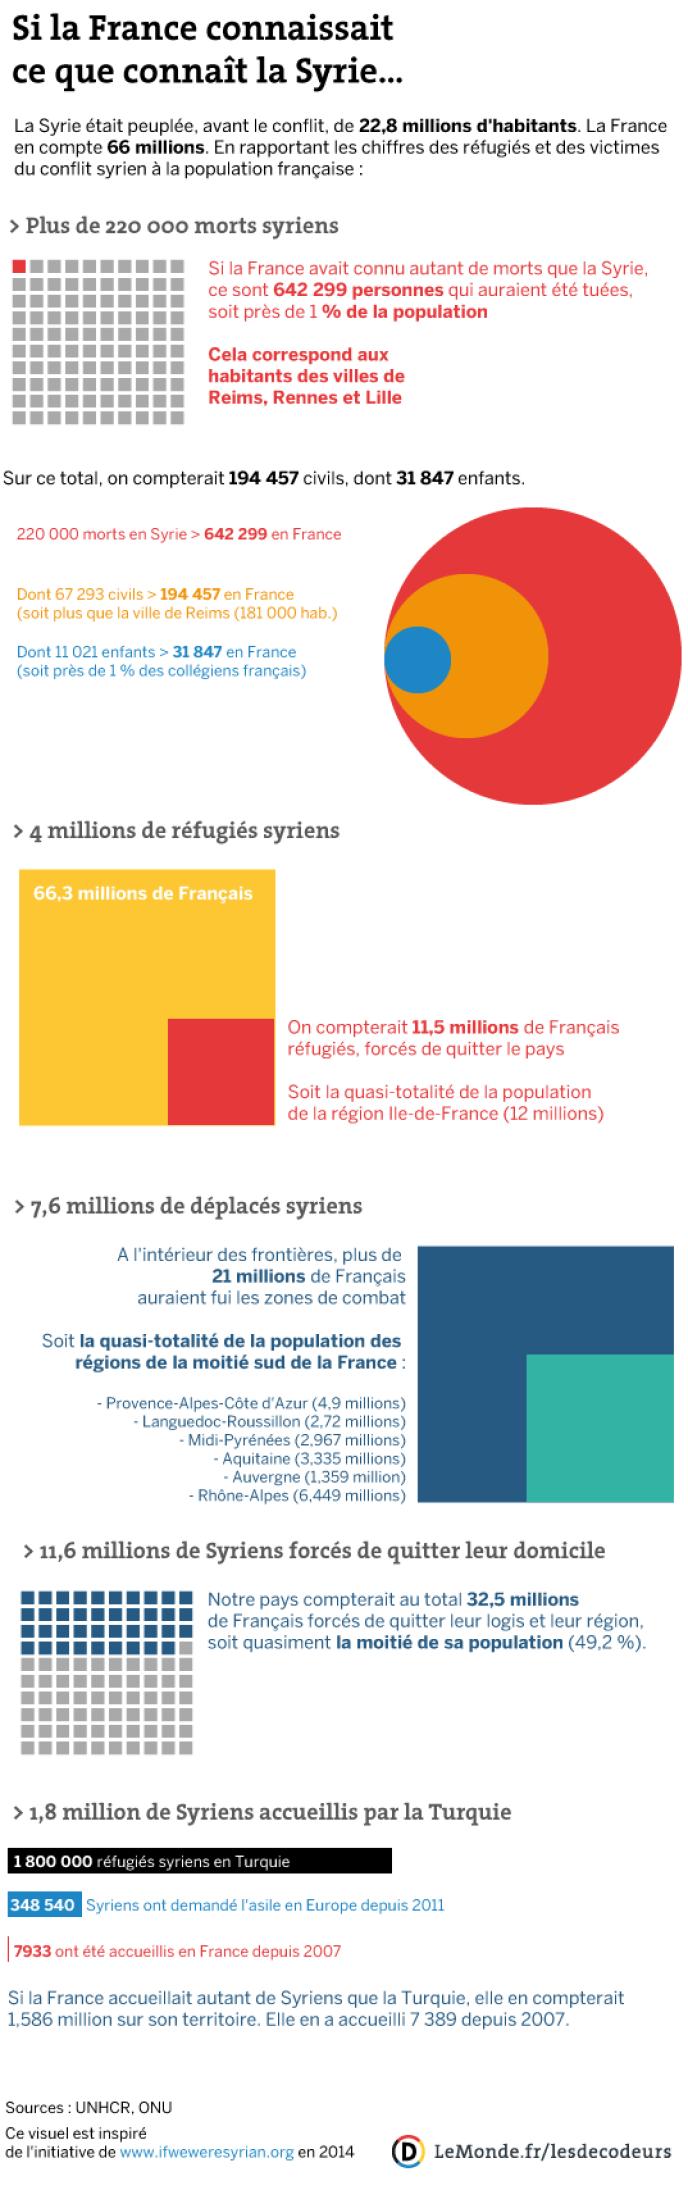 Si la Syrie était la France, 32,5millions de personnes auraient été déplacées par le conflit